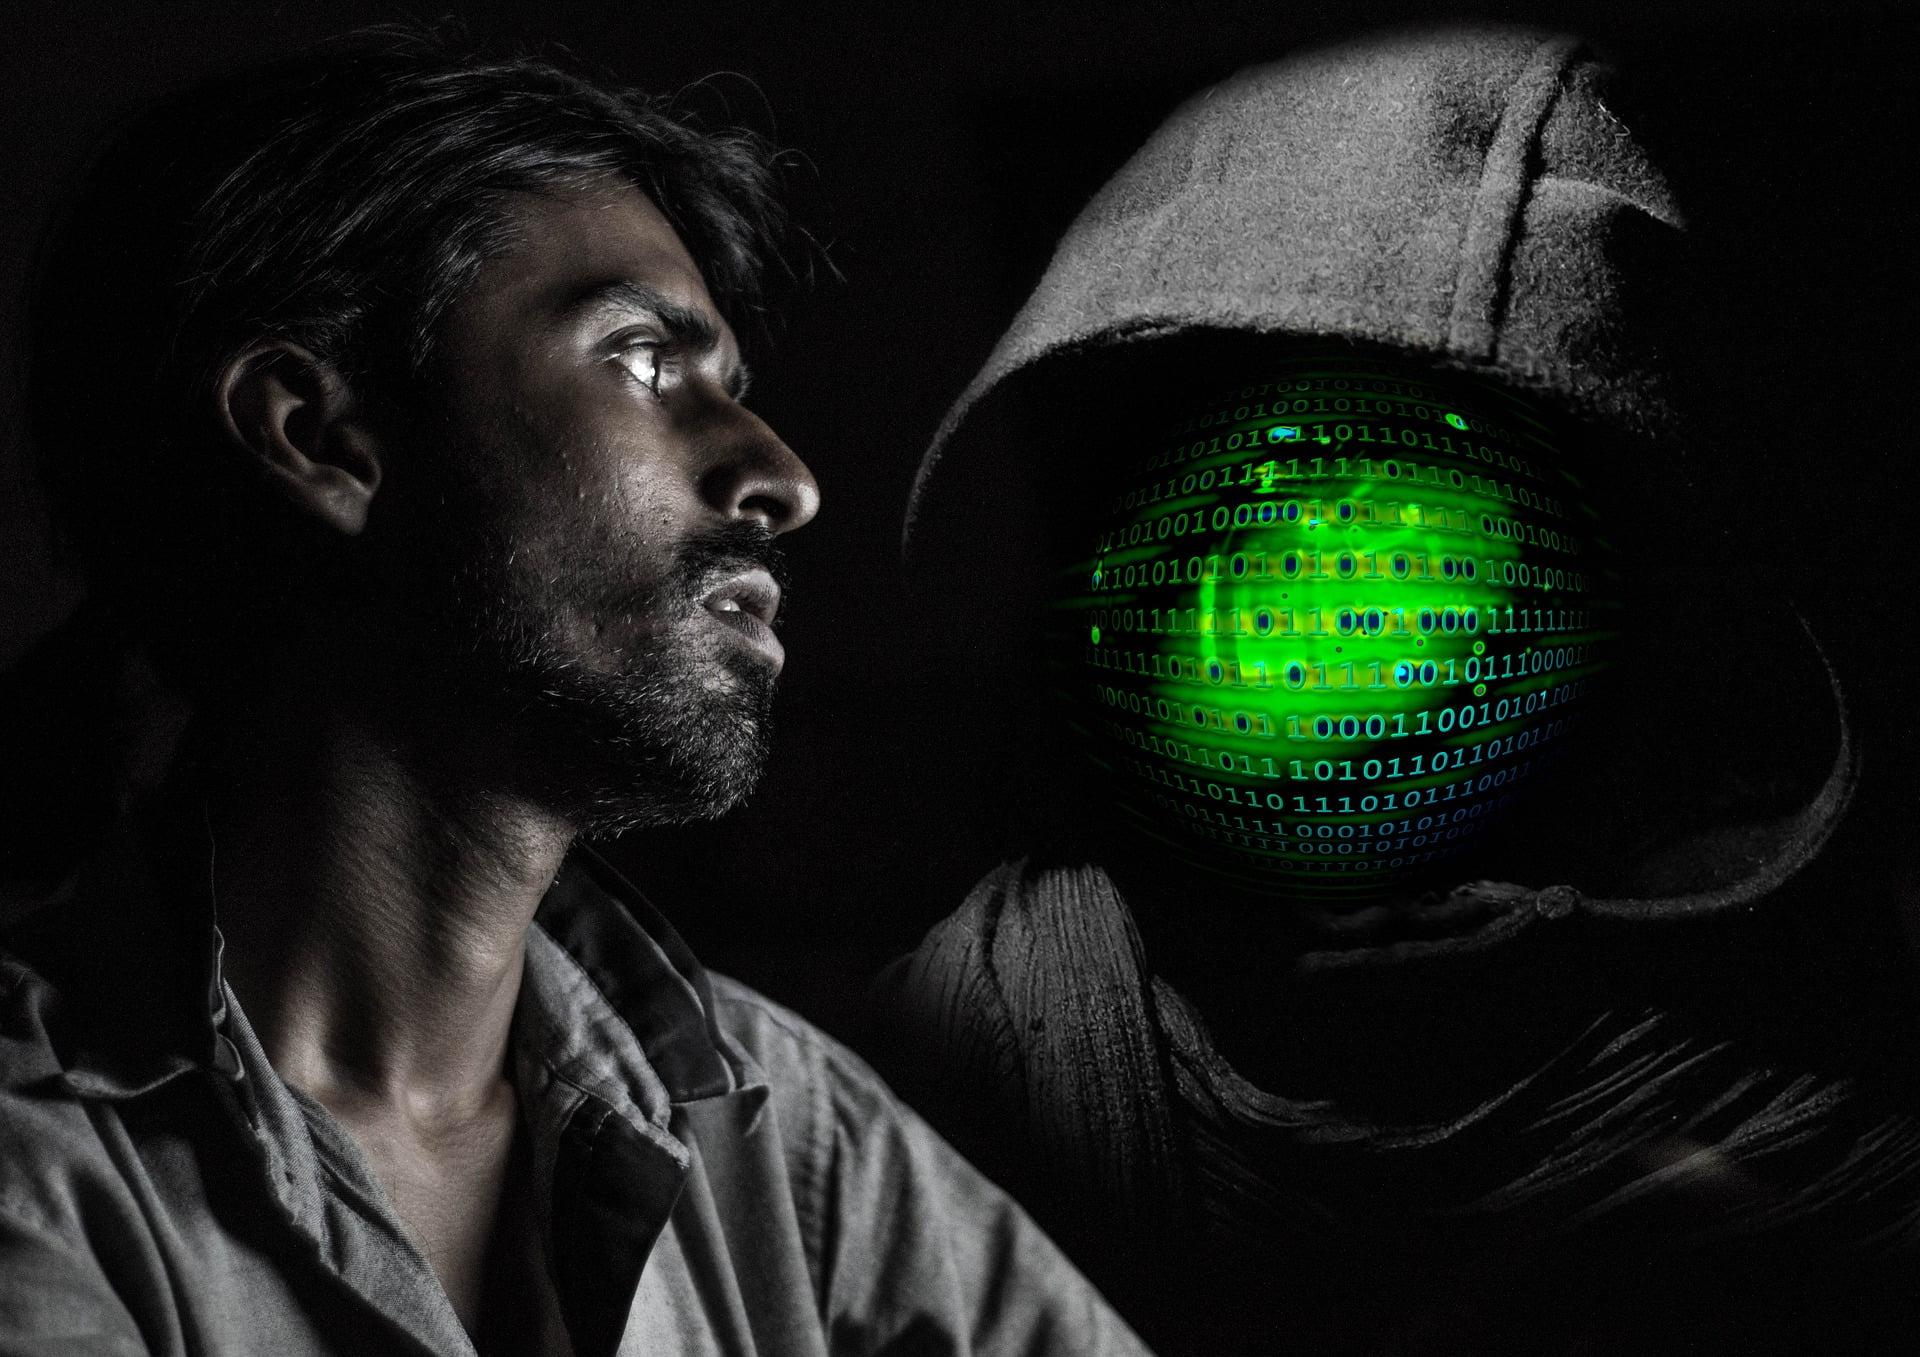 Ofiara bitcoin ransomware Mushtik zhakowała hakera